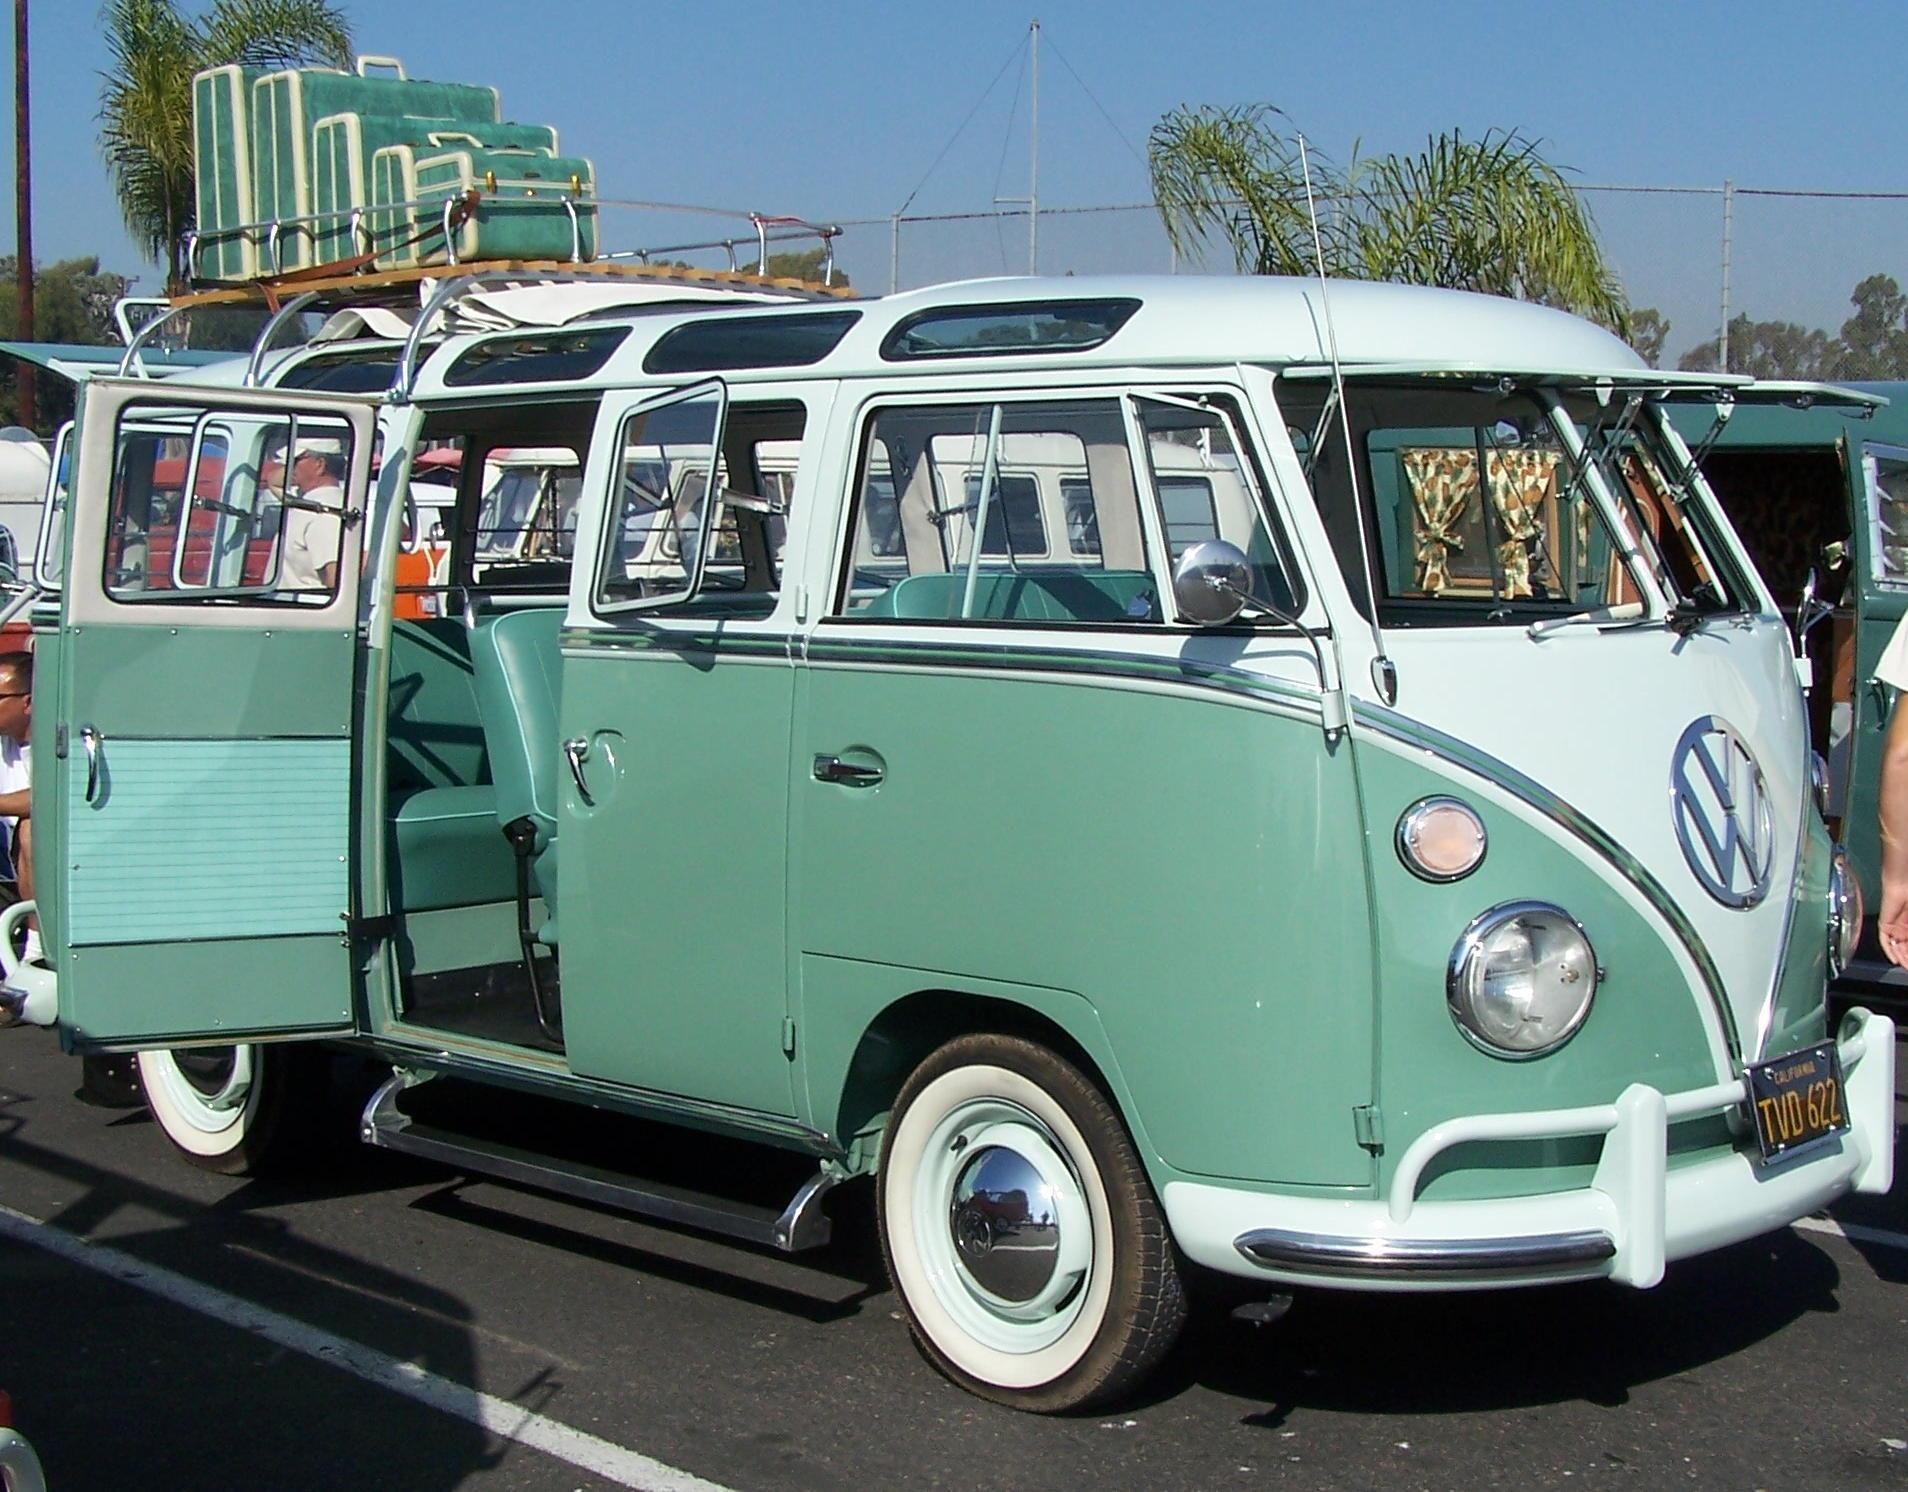 Vw bus old volkswagen bus